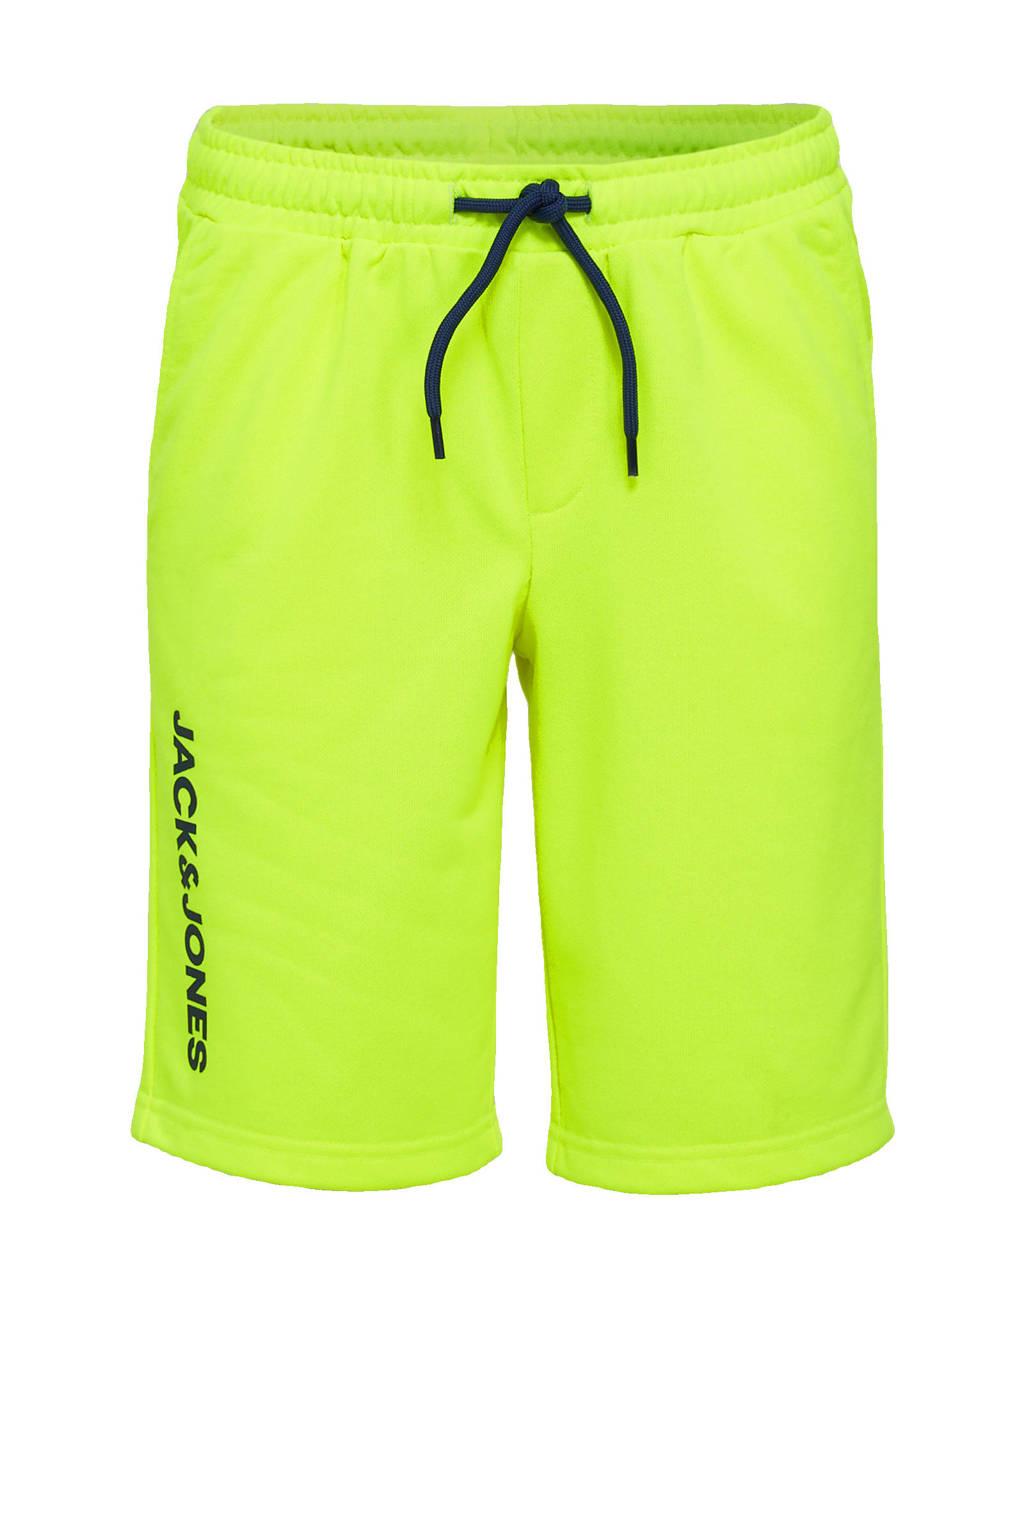 JACK & JONES JUNIOR sweatshort Dennis met logo neon geel/zwart, Neon geel/zwart